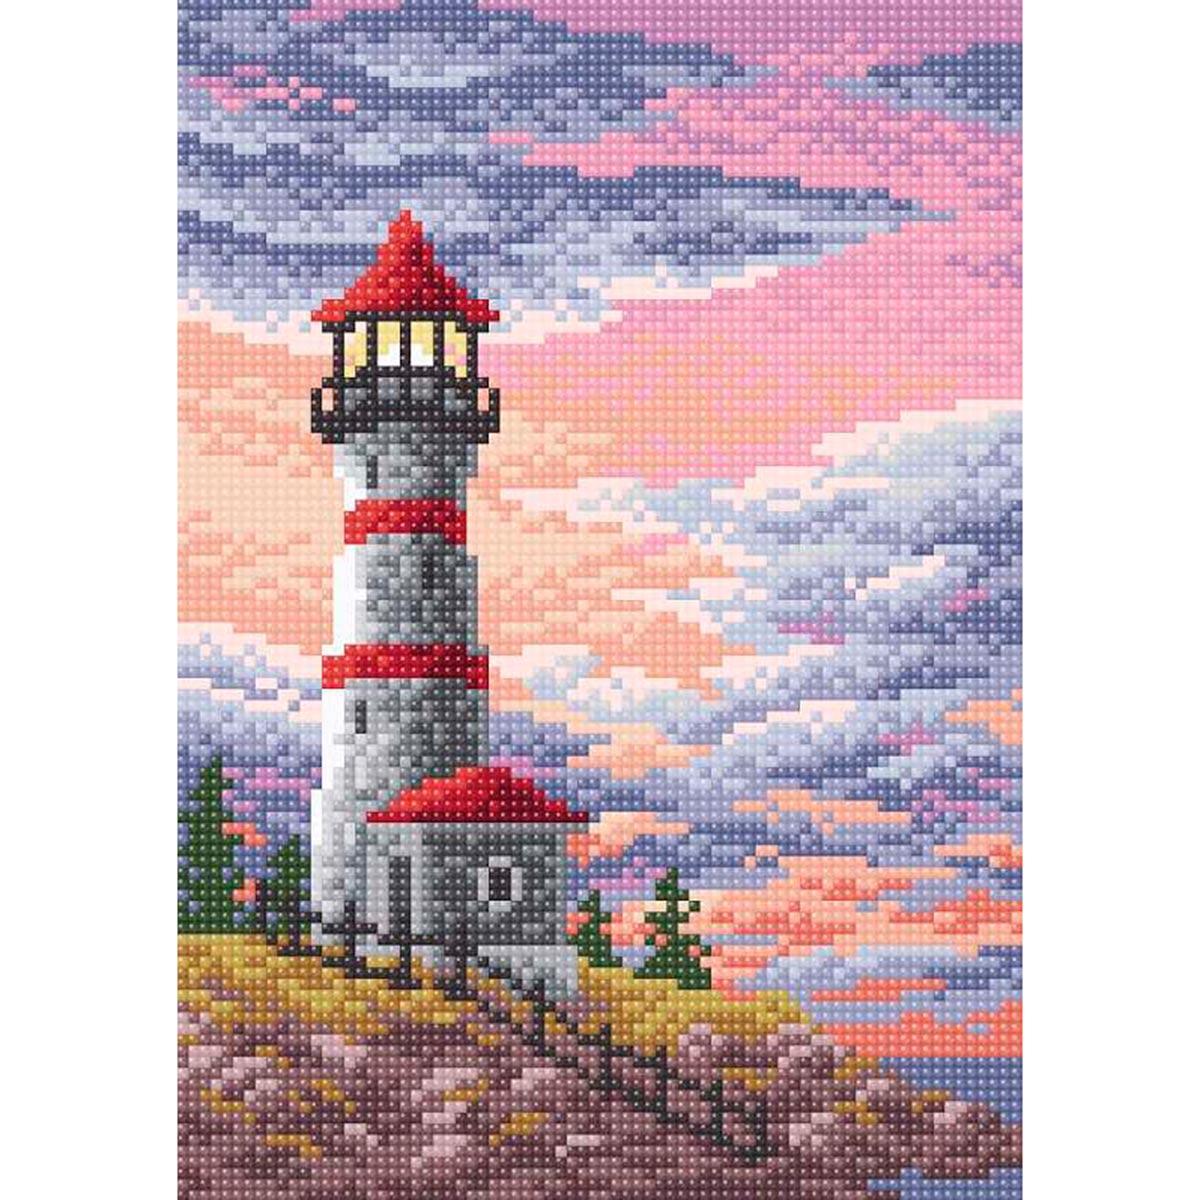 МС 021 Алмазная мозаика 'Маяк'19*27см Brilliart